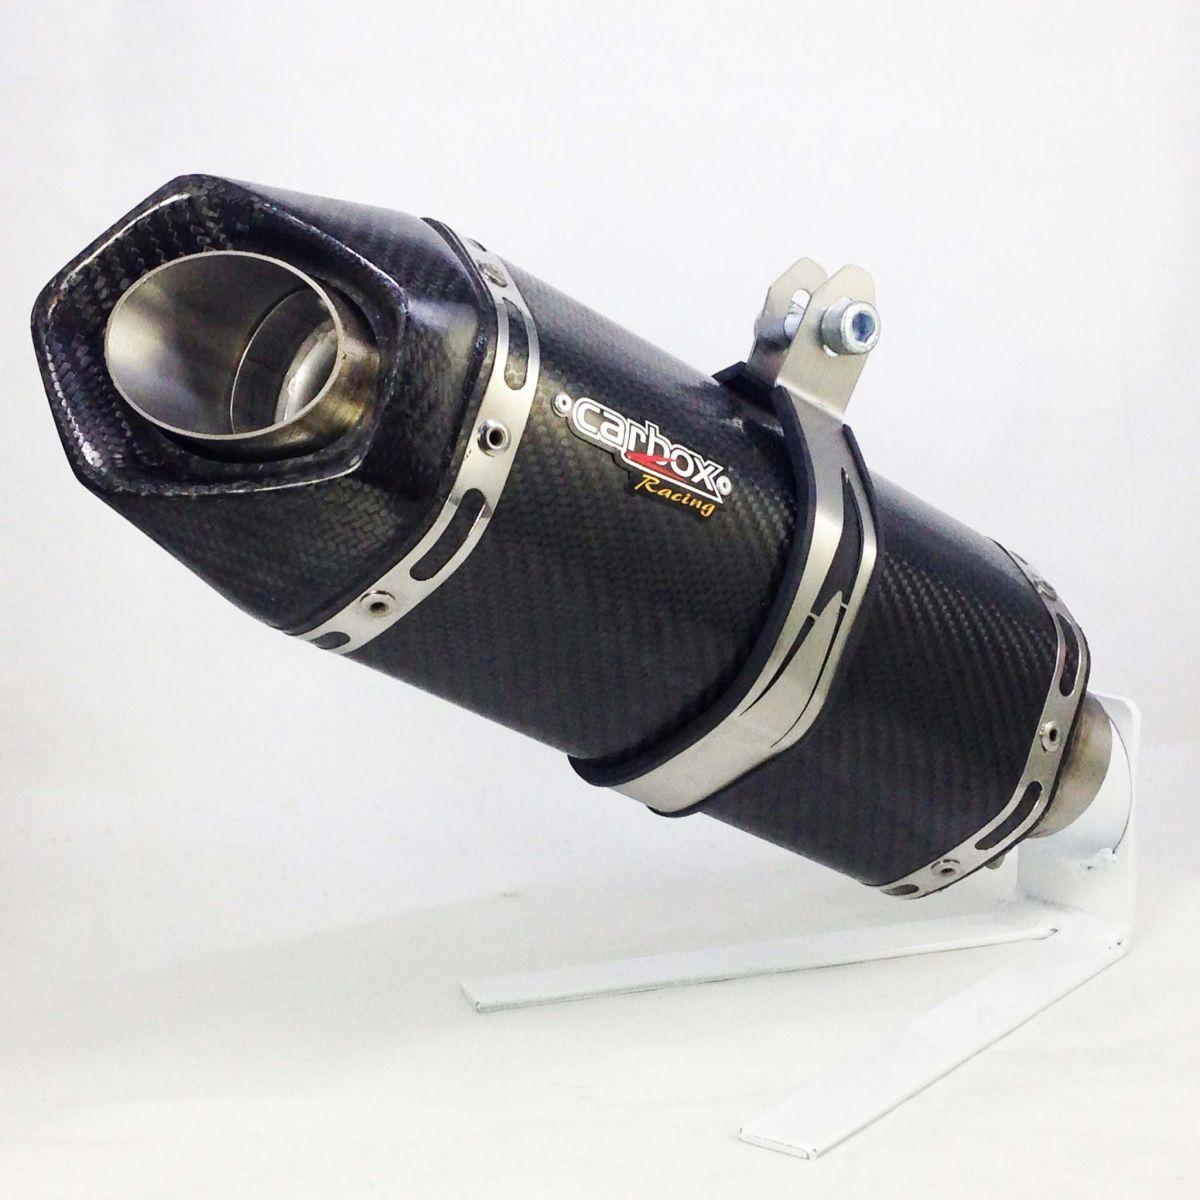 Ponteira Escape Full 4x2x1 Shark S920 Carbono Cbr 600f 12 A 14